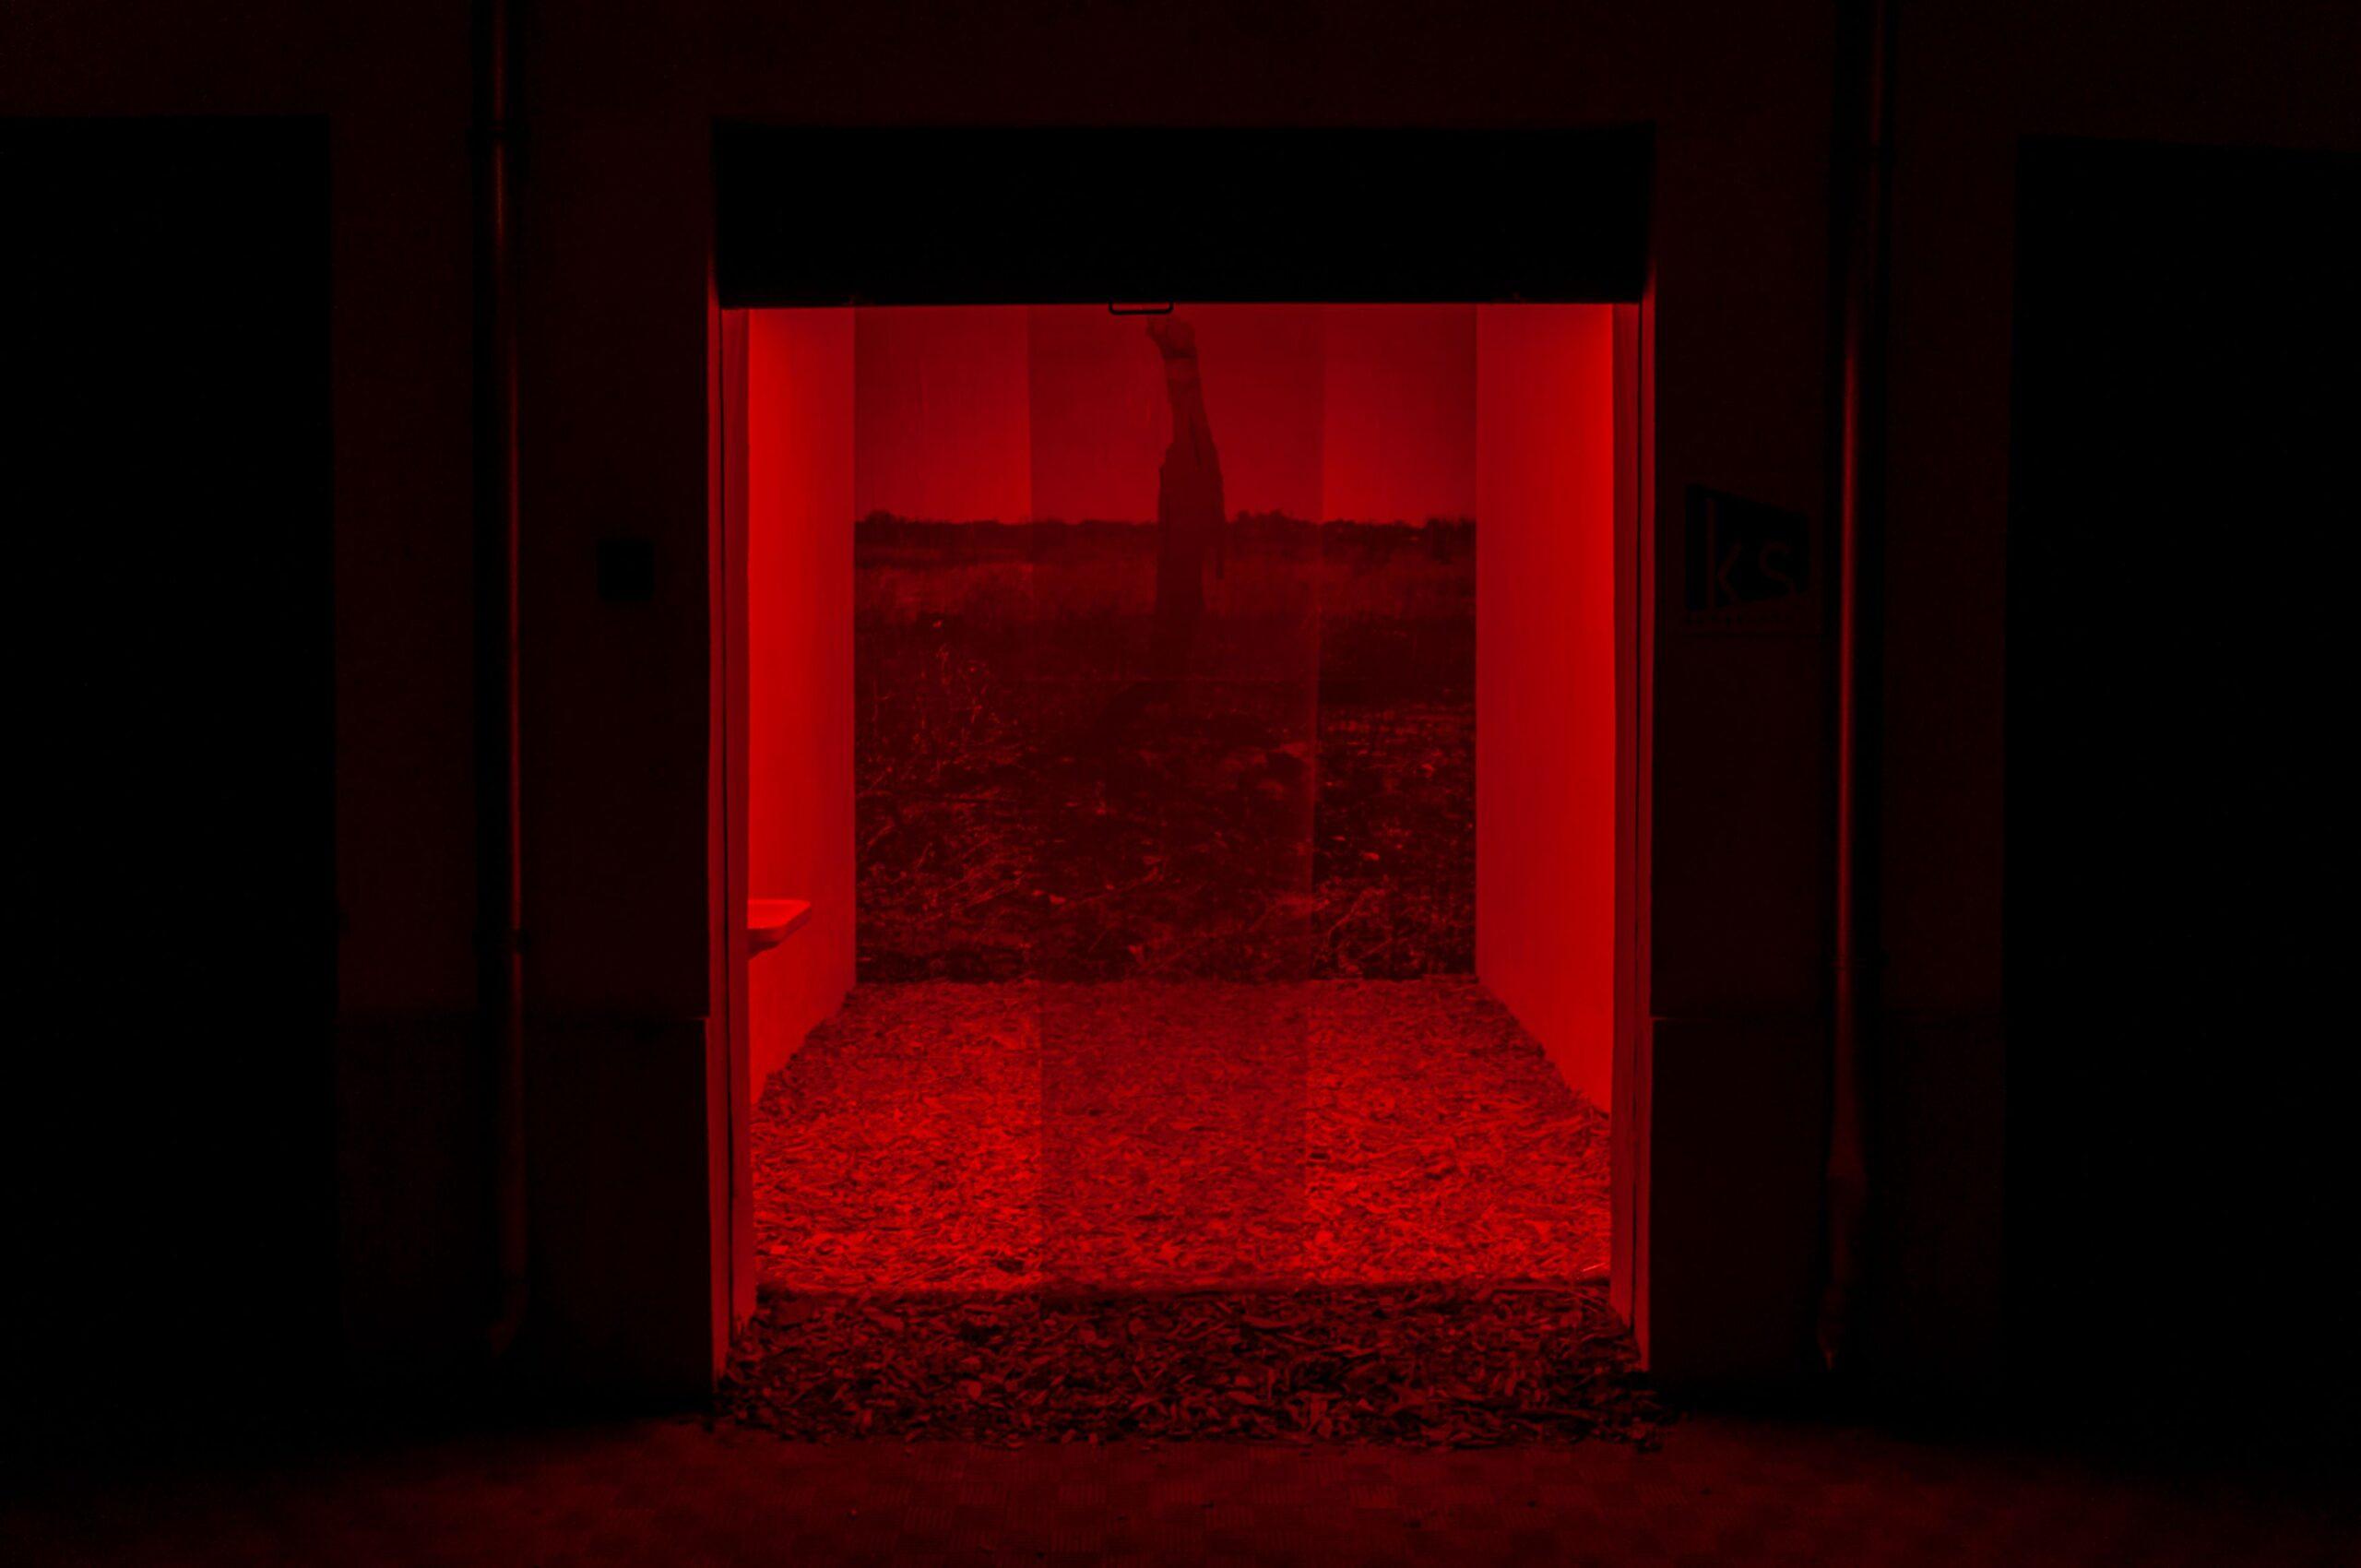 Il fuoco, ferocia illuminata e devastatrice: una mostra lo racconta, a Lecce